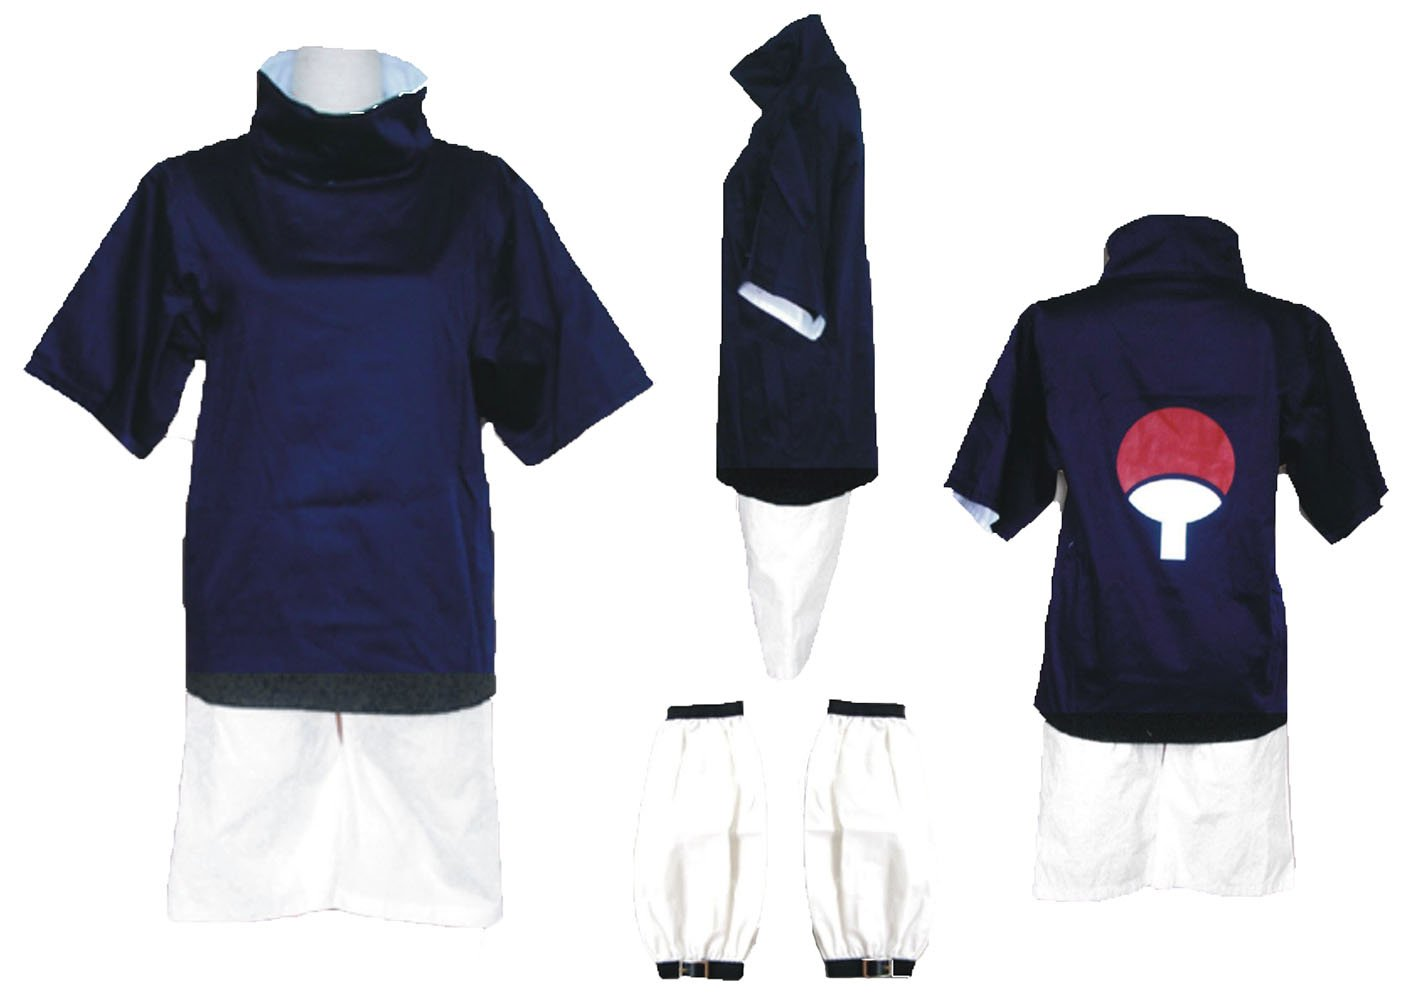 Wsysnl Japanese Anime Cosplay Costume for Sasuke Uchiha Teenager Version Adult/Kids